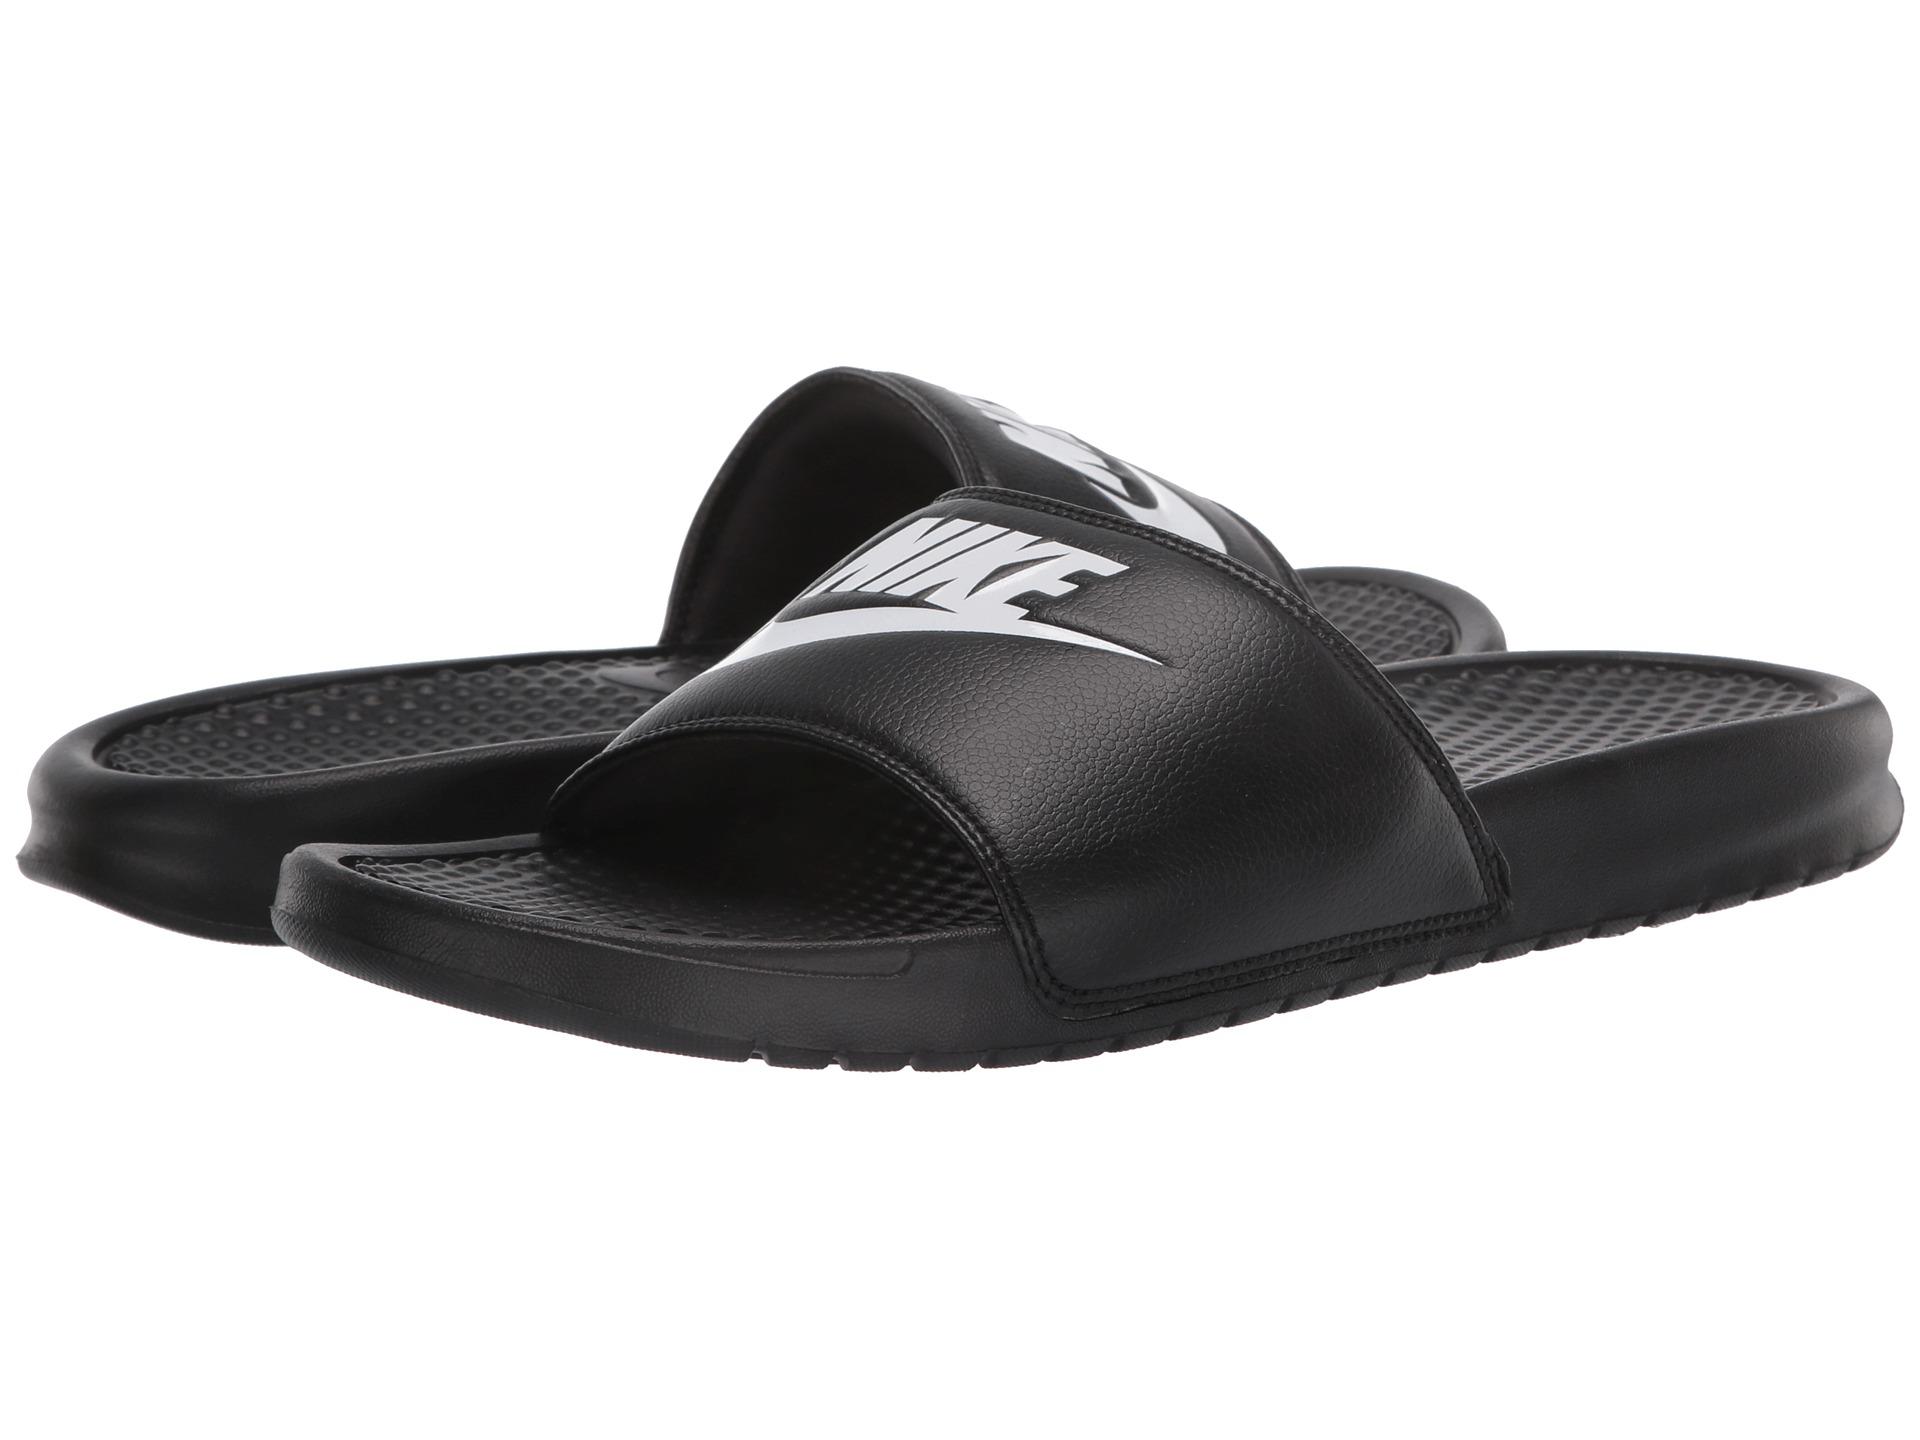 Nike Benassi Jdi Slide At Zappos Com